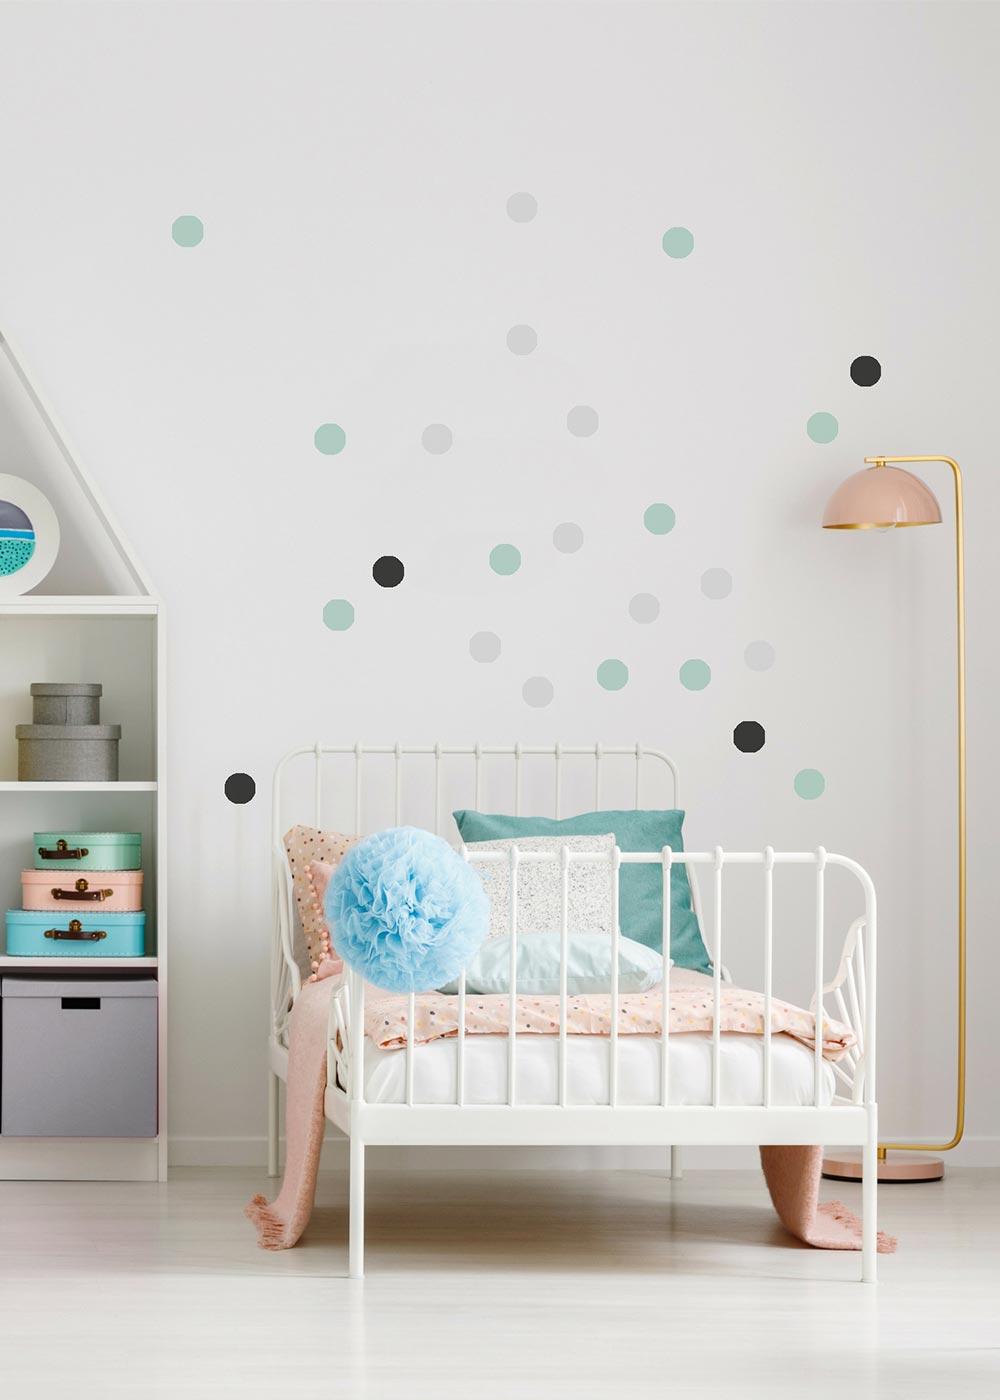 Stickerset Polka dots mint grau Beispiel mit Bett